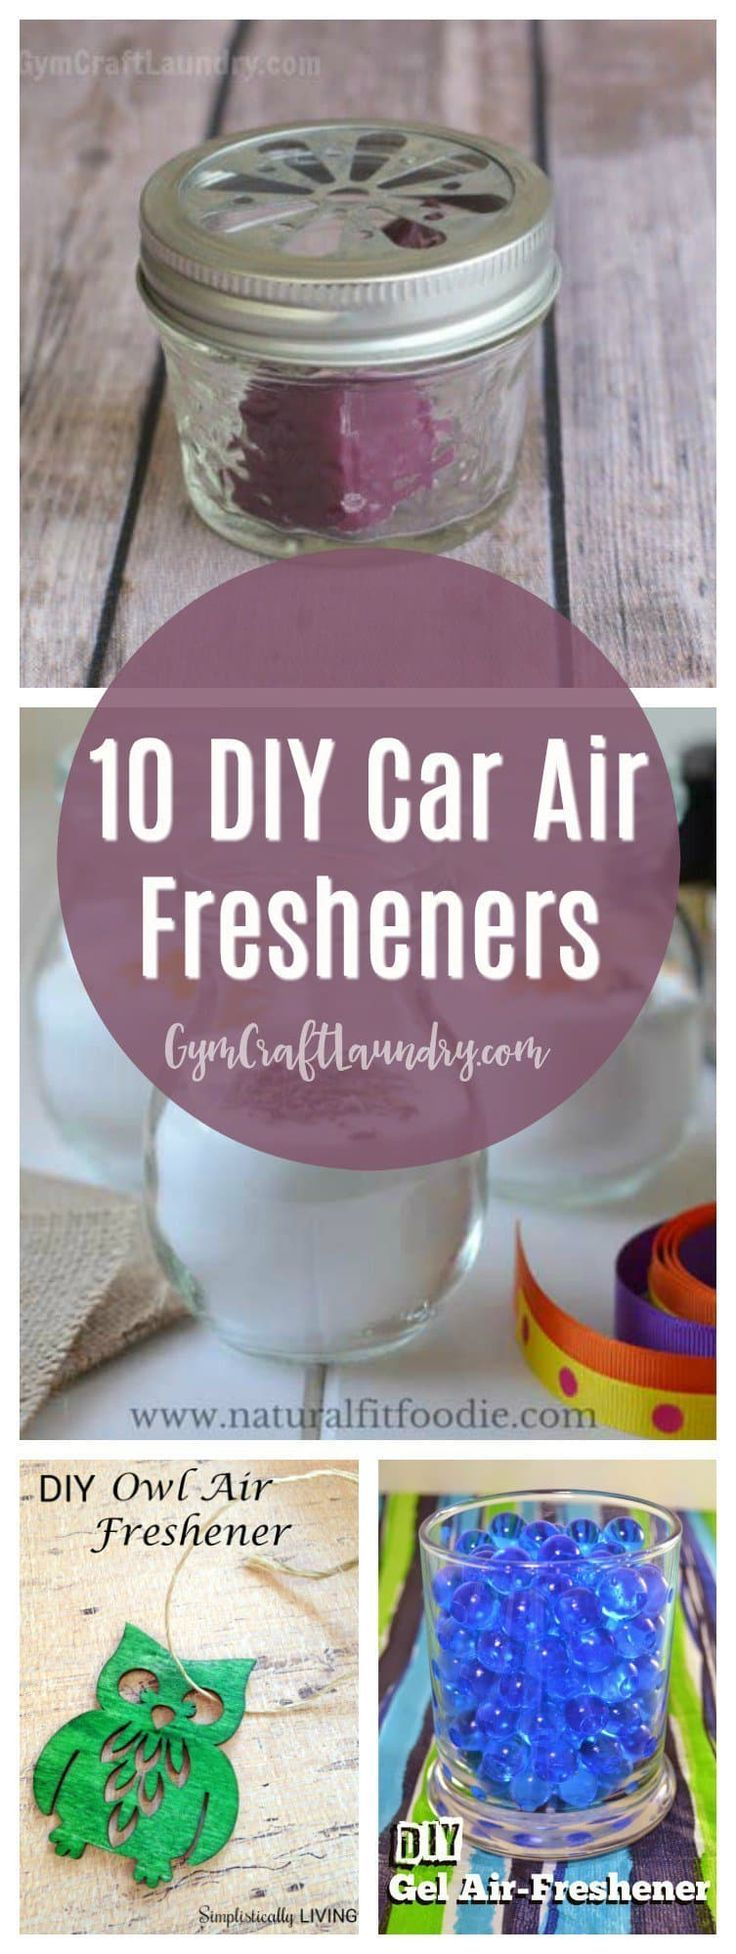 10 Homemade Car Air Fresheners you can make in a weekend via @herchel1